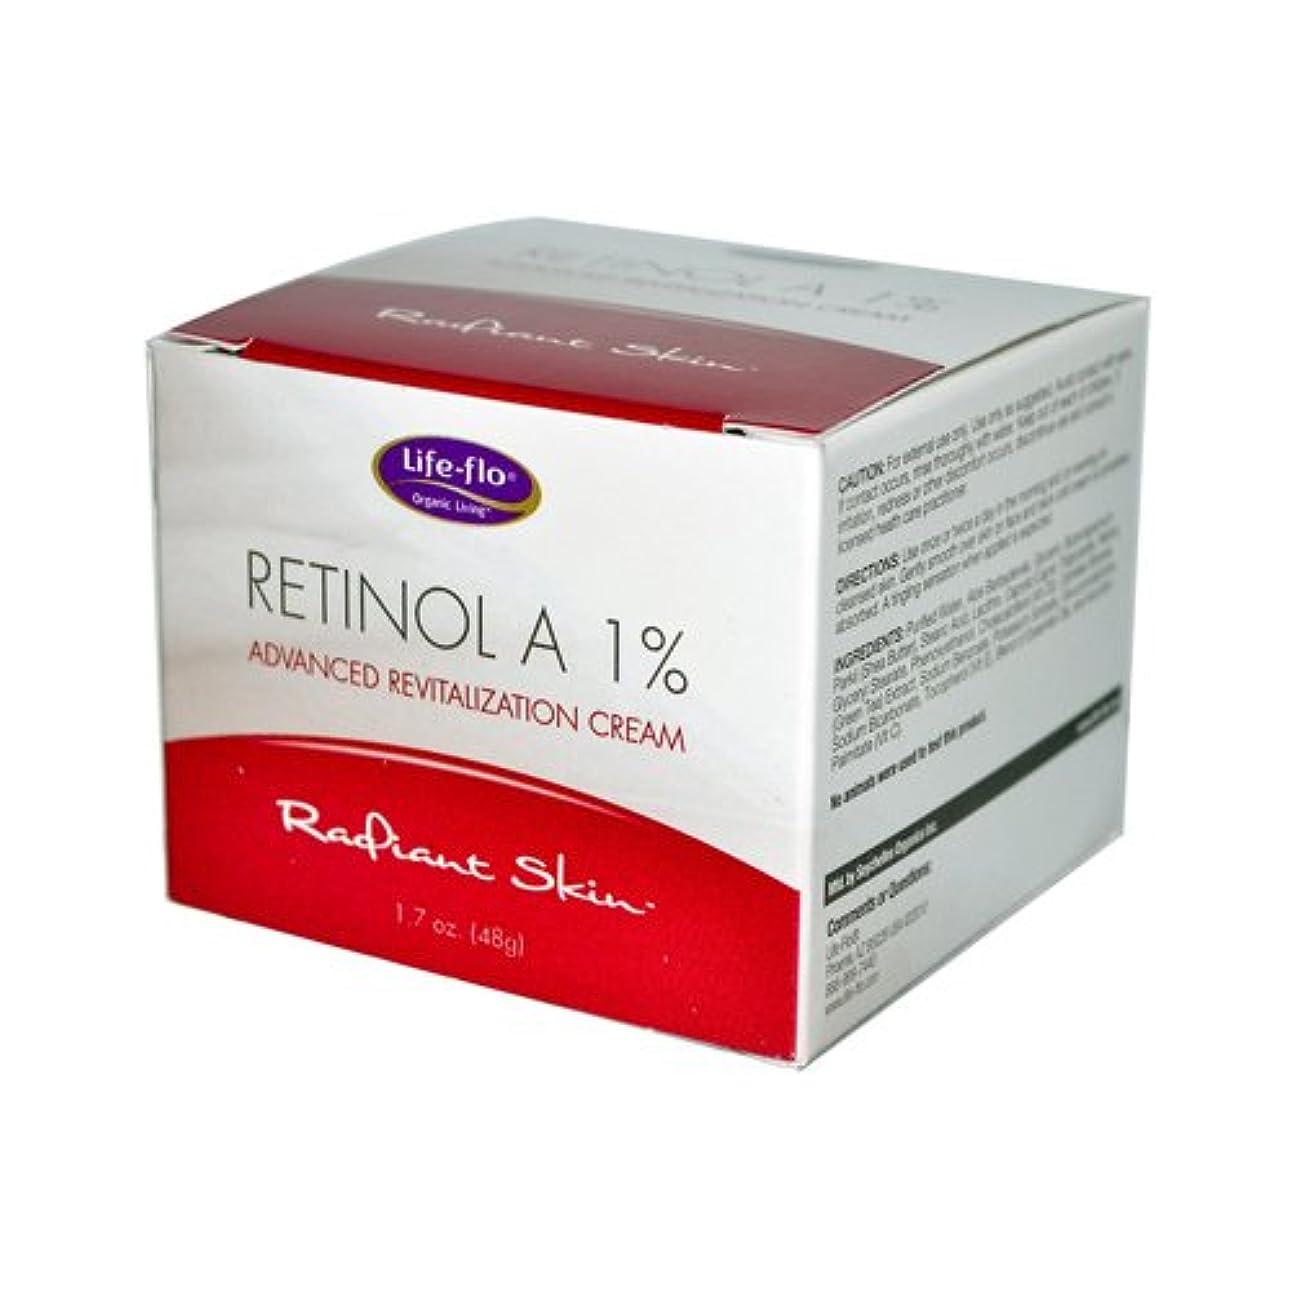 ダッシュペストリー精度海外直送品 Life-Flo Retinol A 1% Advanced Revitalization Cream, 1.7 oz